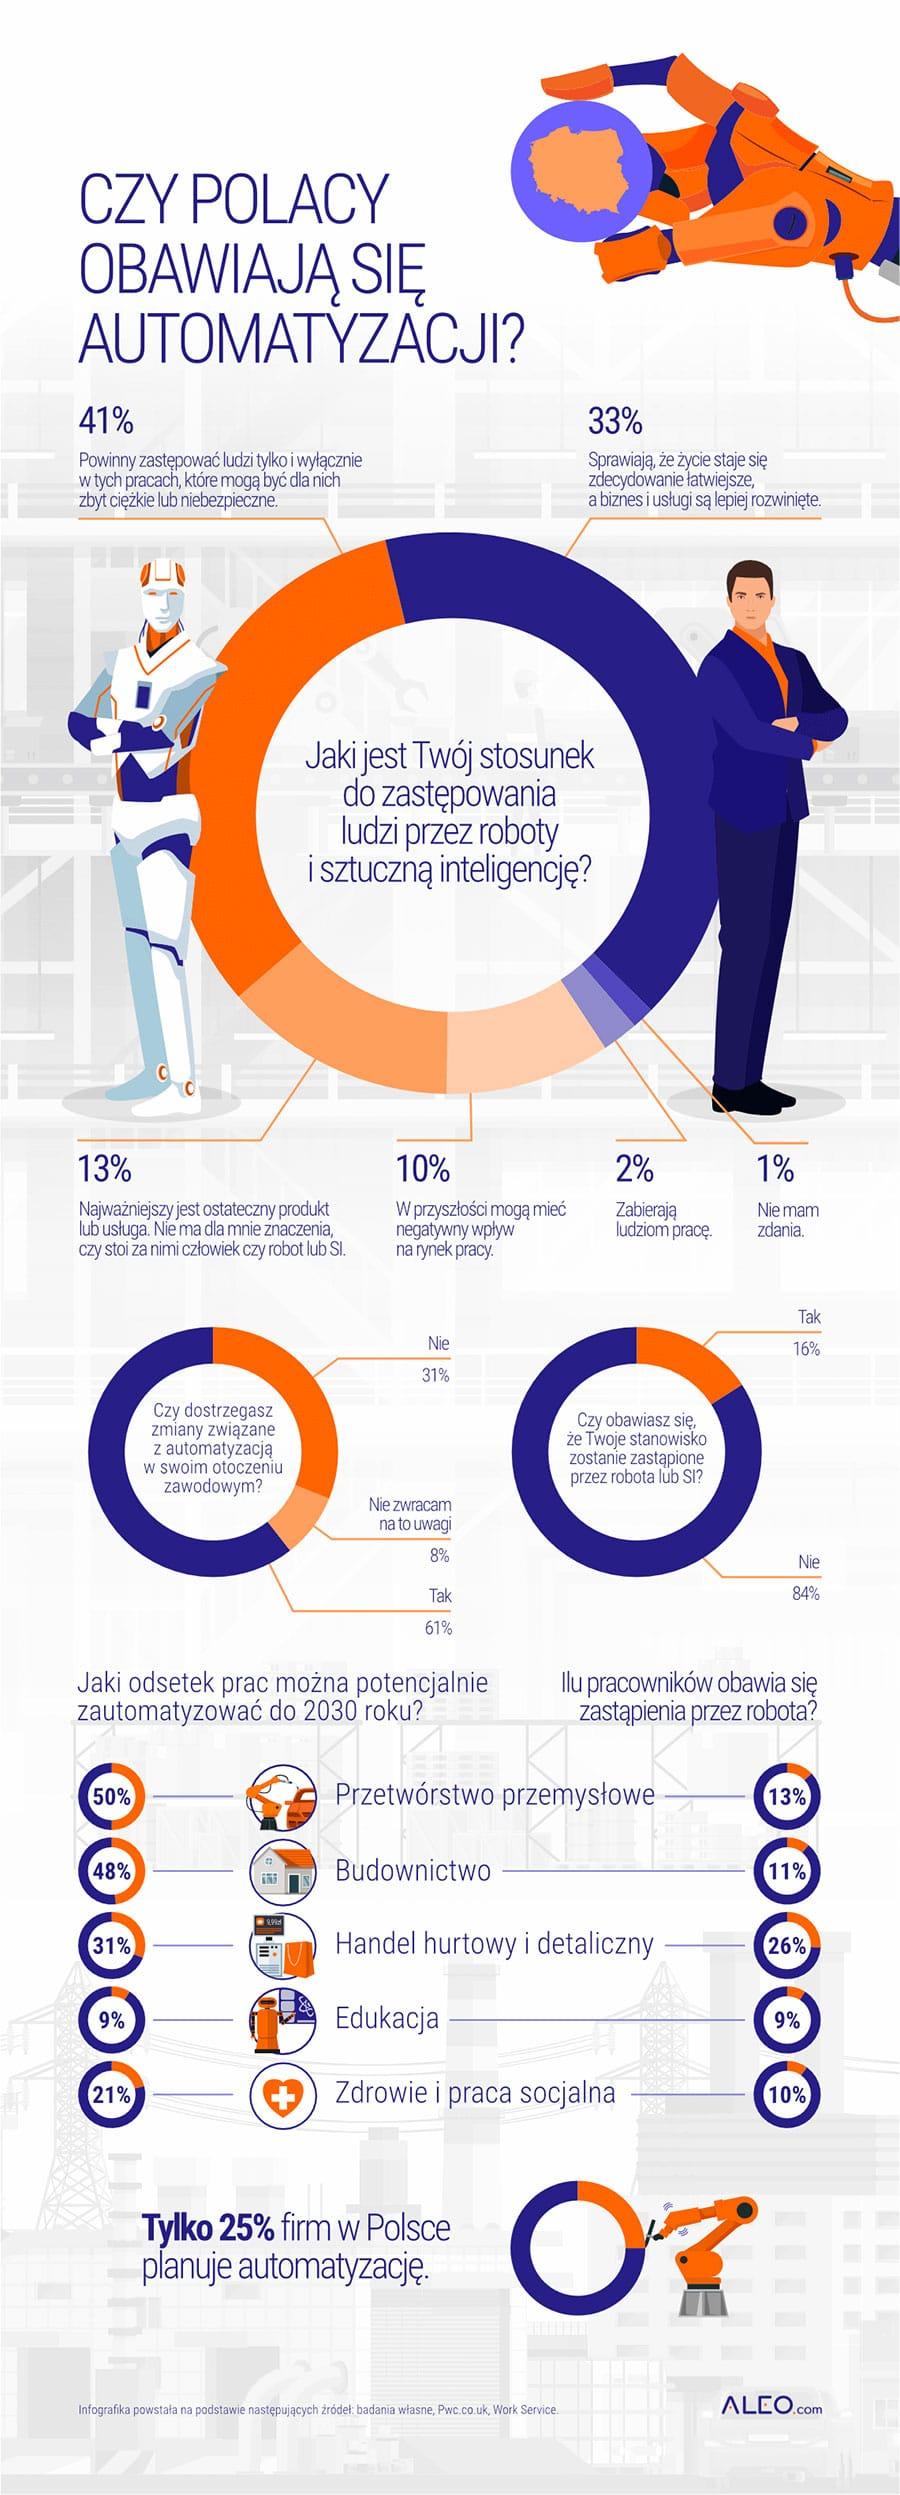 Czy roboty zmienią rynek pracy? Polacy się tym nie przejmują 1